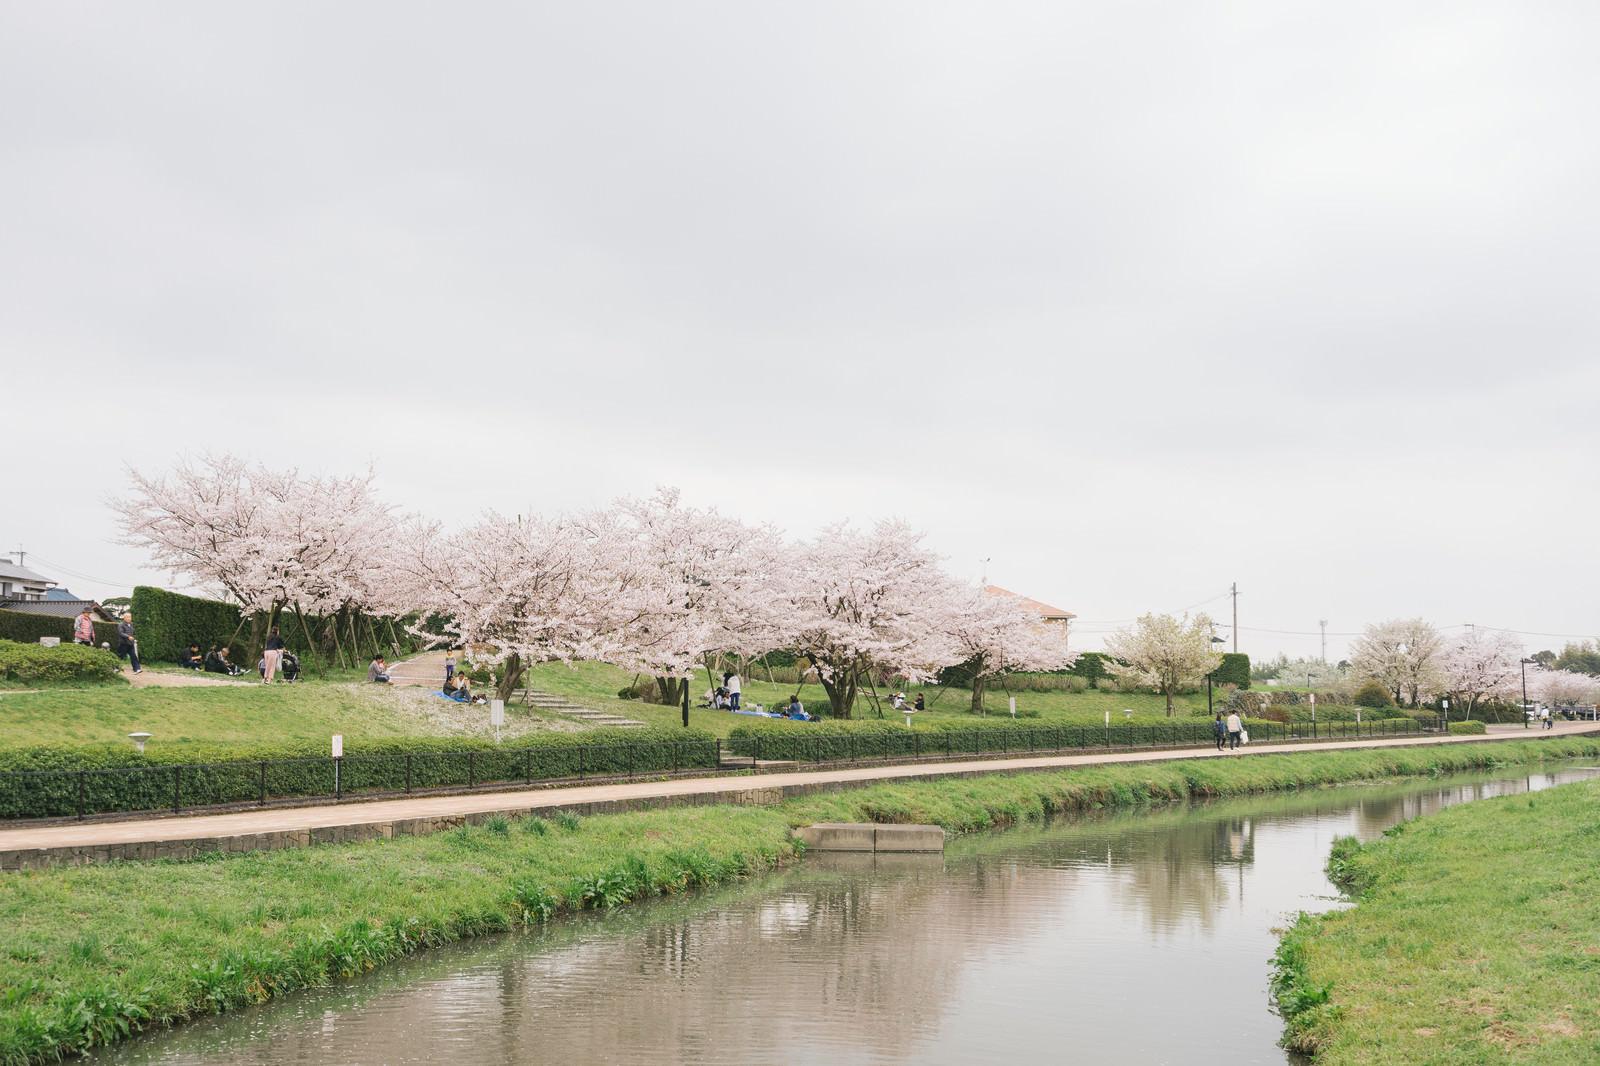 「大刀洗公園で花見をする人たち大刀洗公園で花見をする人たち」のフリー写真素材を拡大